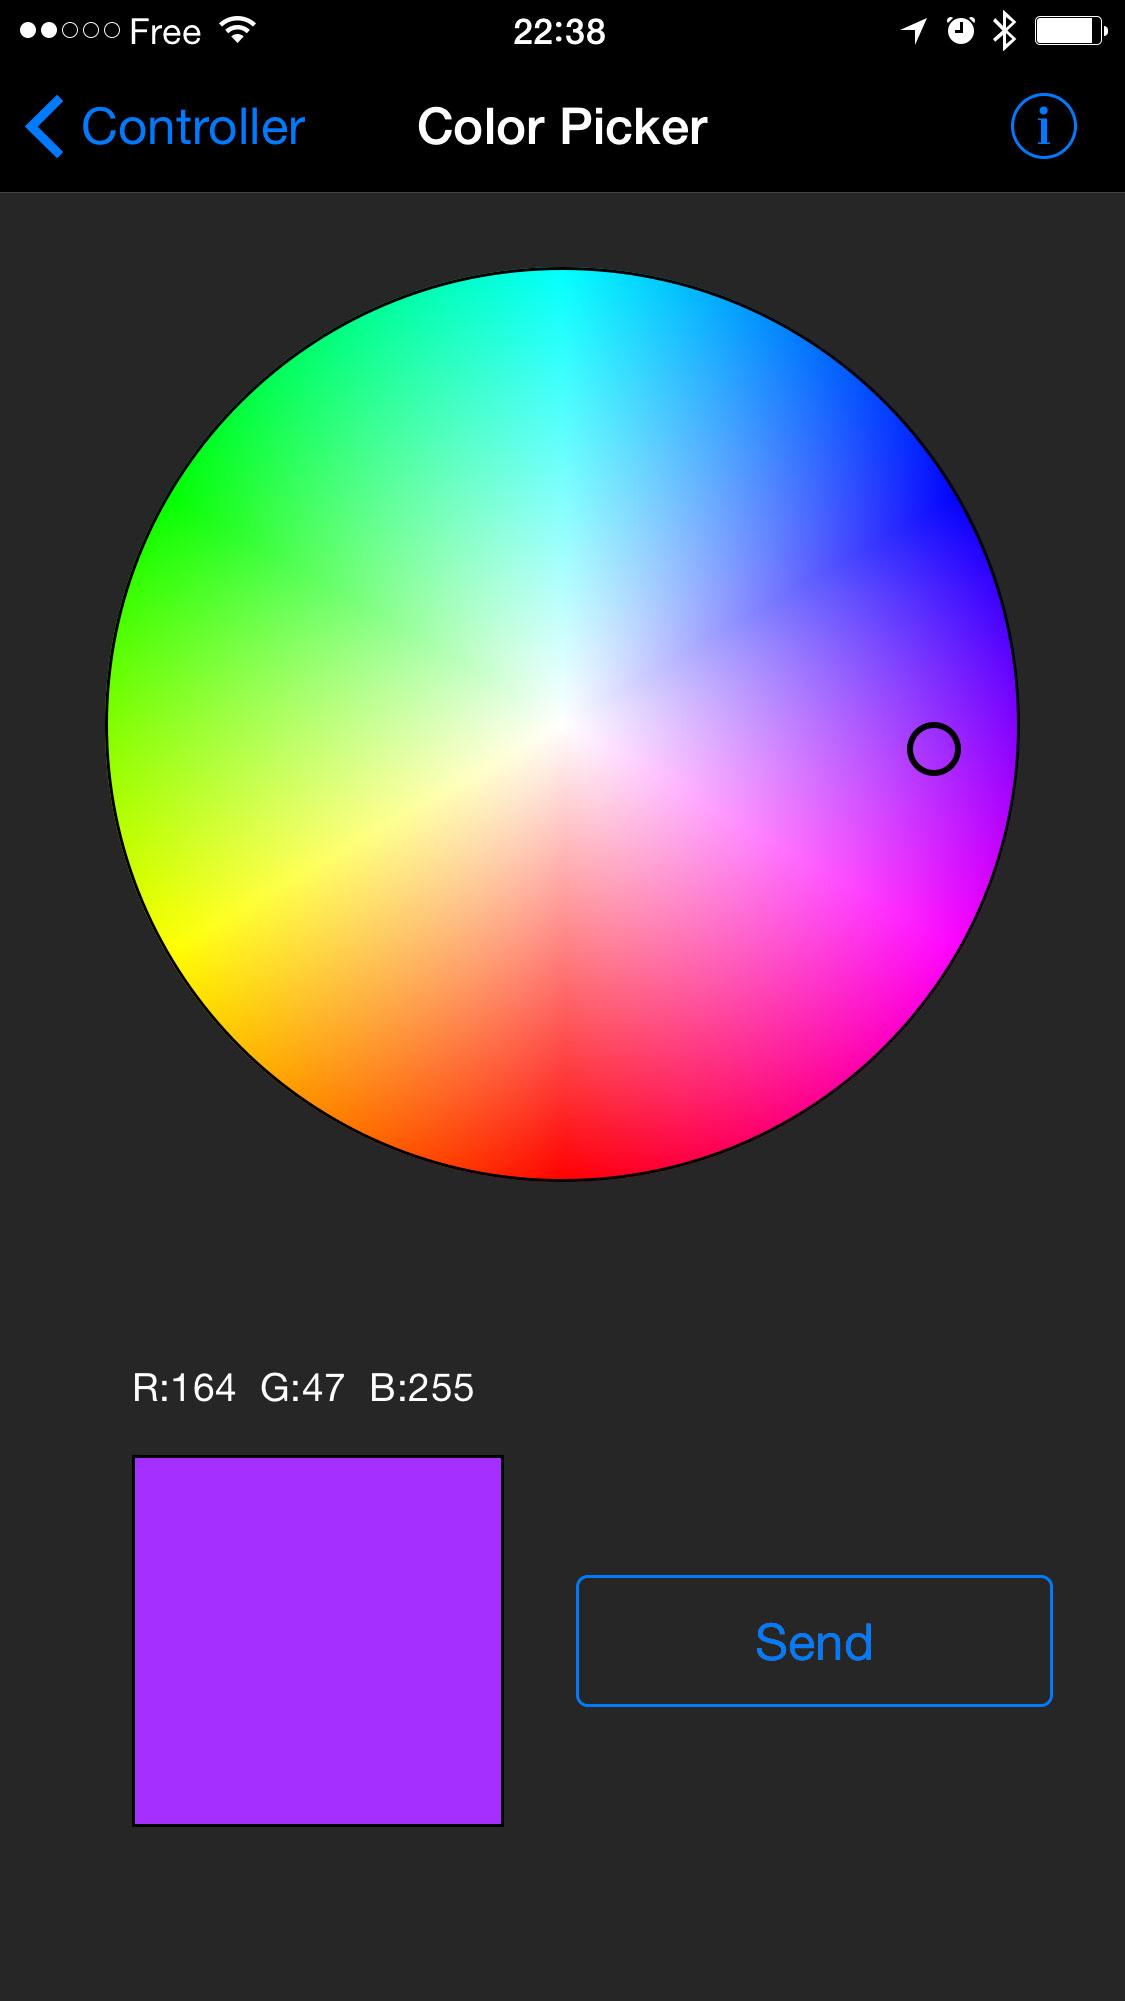 adafruit_products_ColorPicker.jpg